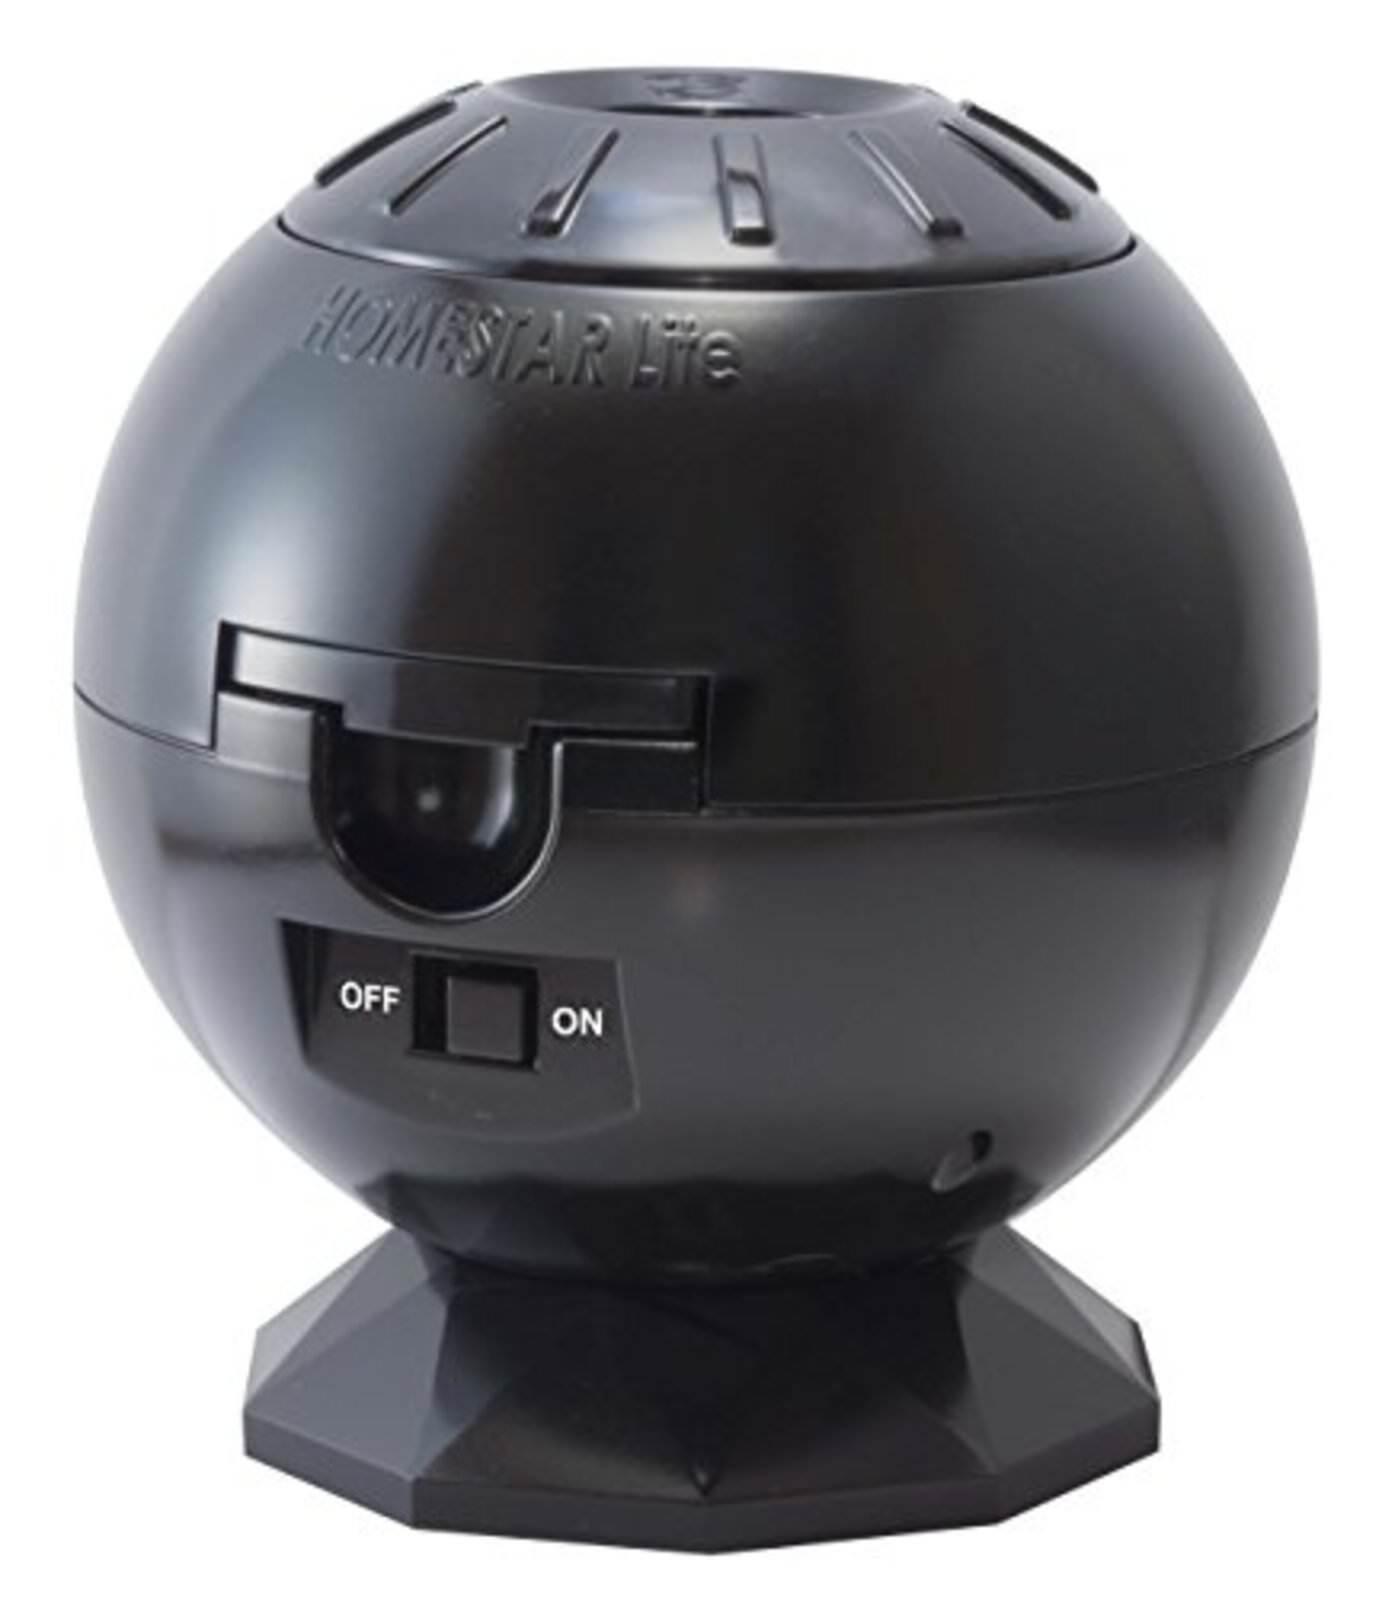 Planetario Homestar Lite 2 Negro Sega Nuevo de Japón Envío Gratis con seguimiento